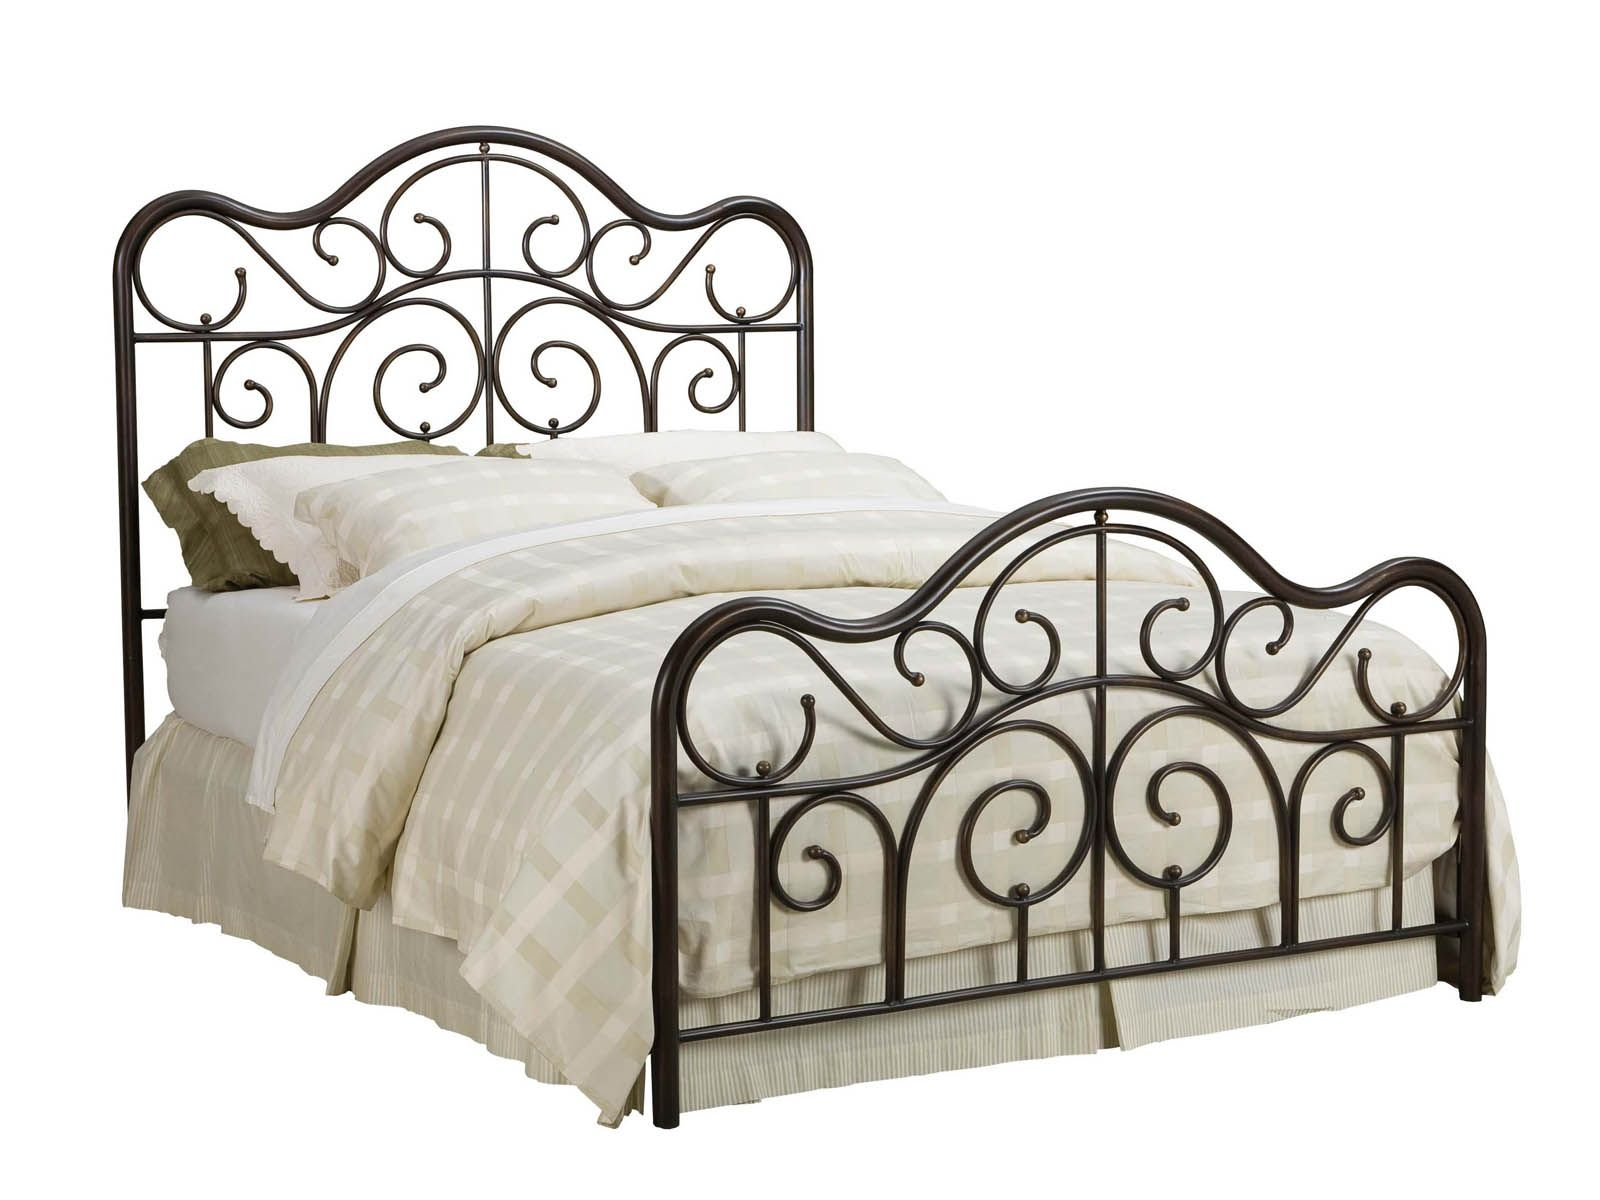 Rot Eisen Bett Metall Bett Frame Queen Single Metall Bett Rahmen